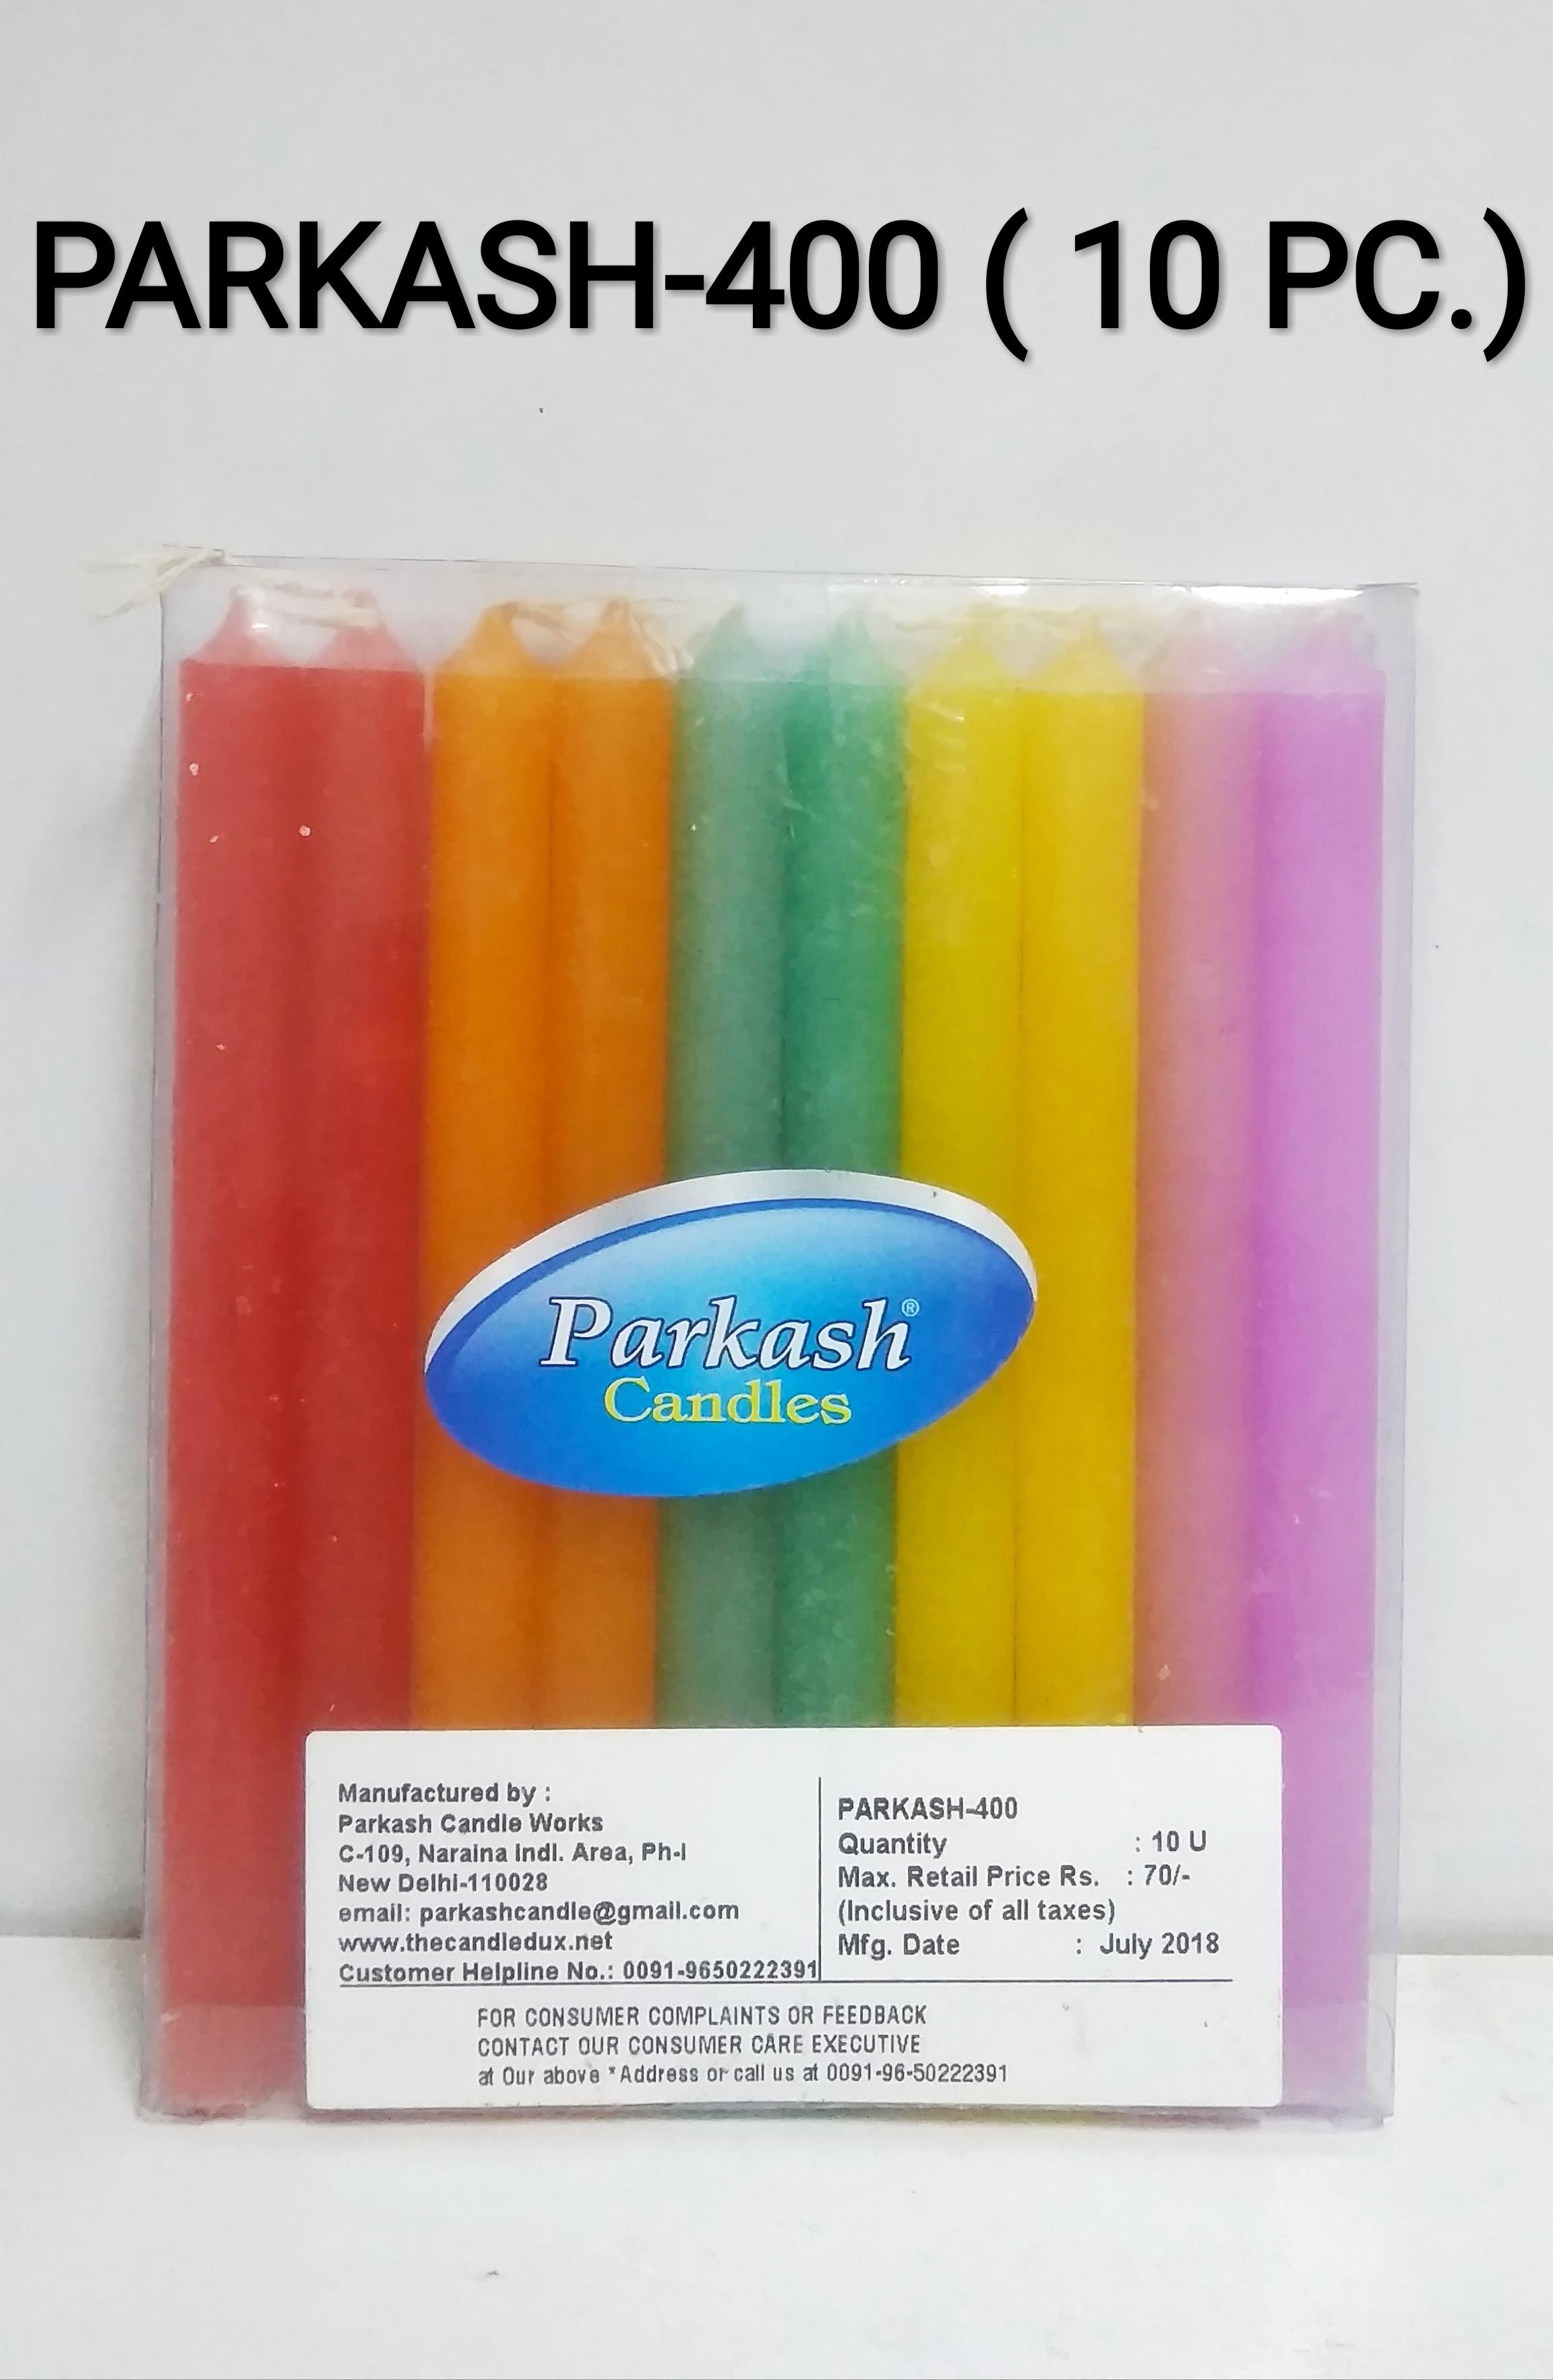 PARKASH-400